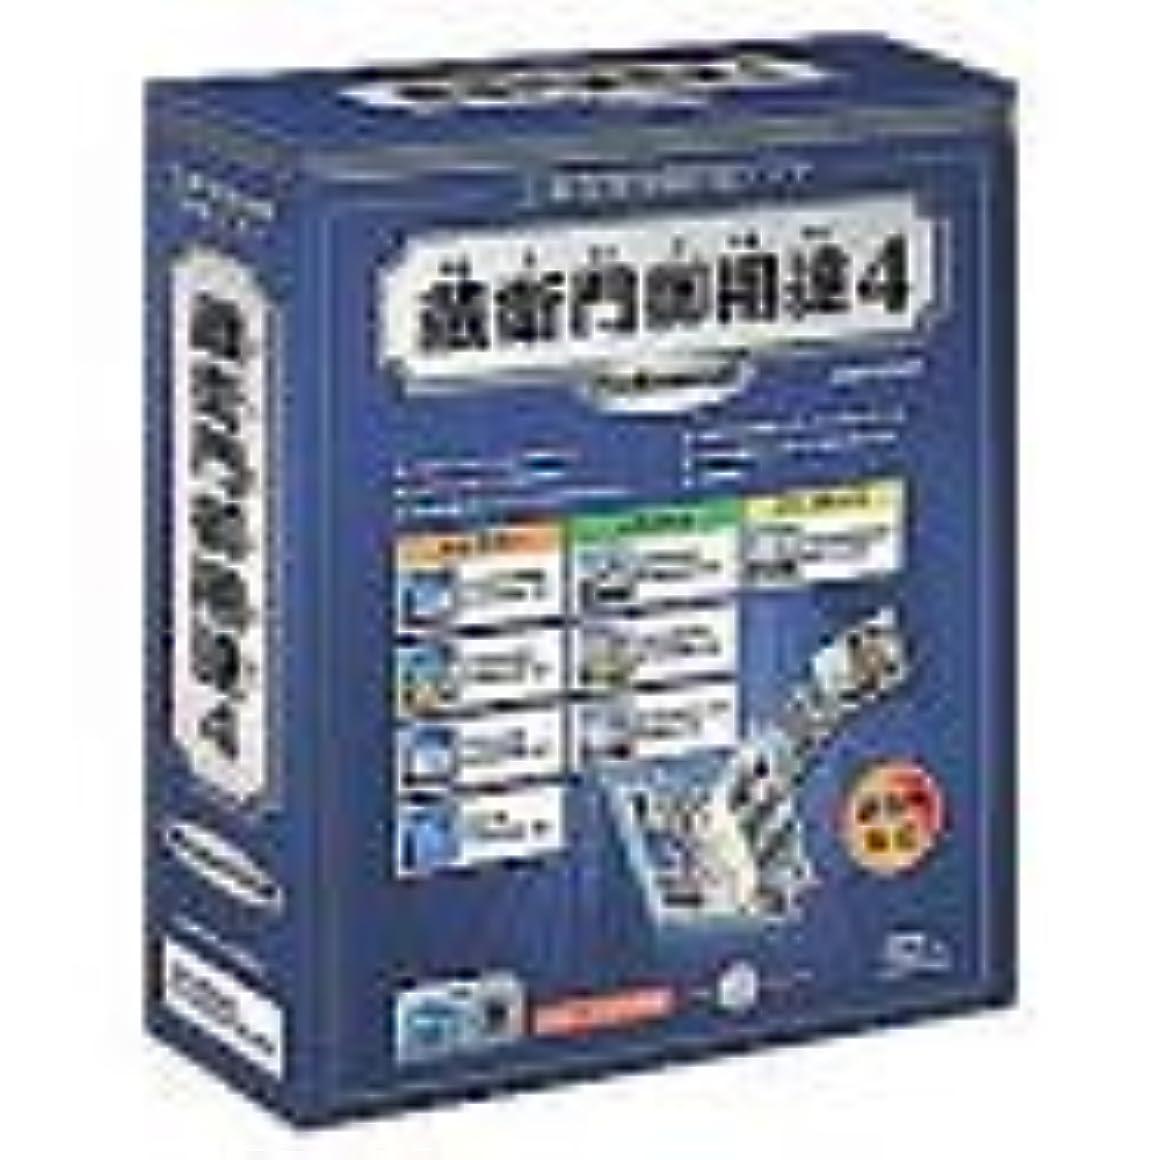 宿利用可能プランテーション蔵衛門御用達 4 Professional